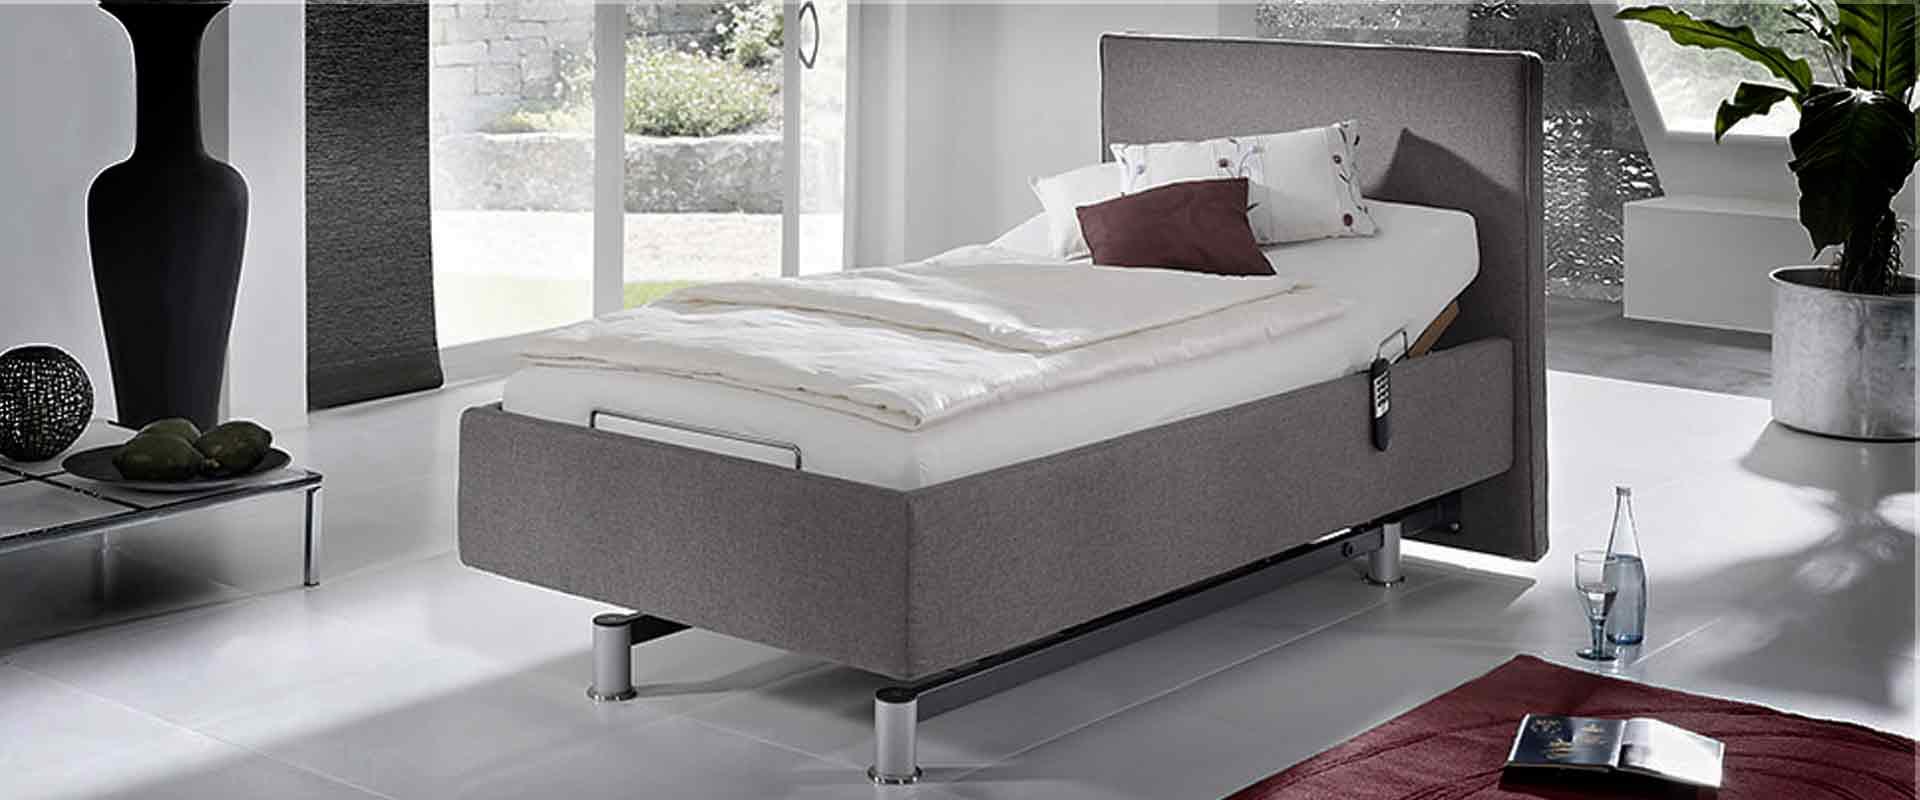 Full Size of Betten Düsseldorf Moebel De Tagesdecken Für Ottoversand Mit Schubladen 180x200 Mannheim Kopfteile Köln Kaufen Massiv München Trends Ruf Fabrikverkauf Bett Betten Düsseldorf